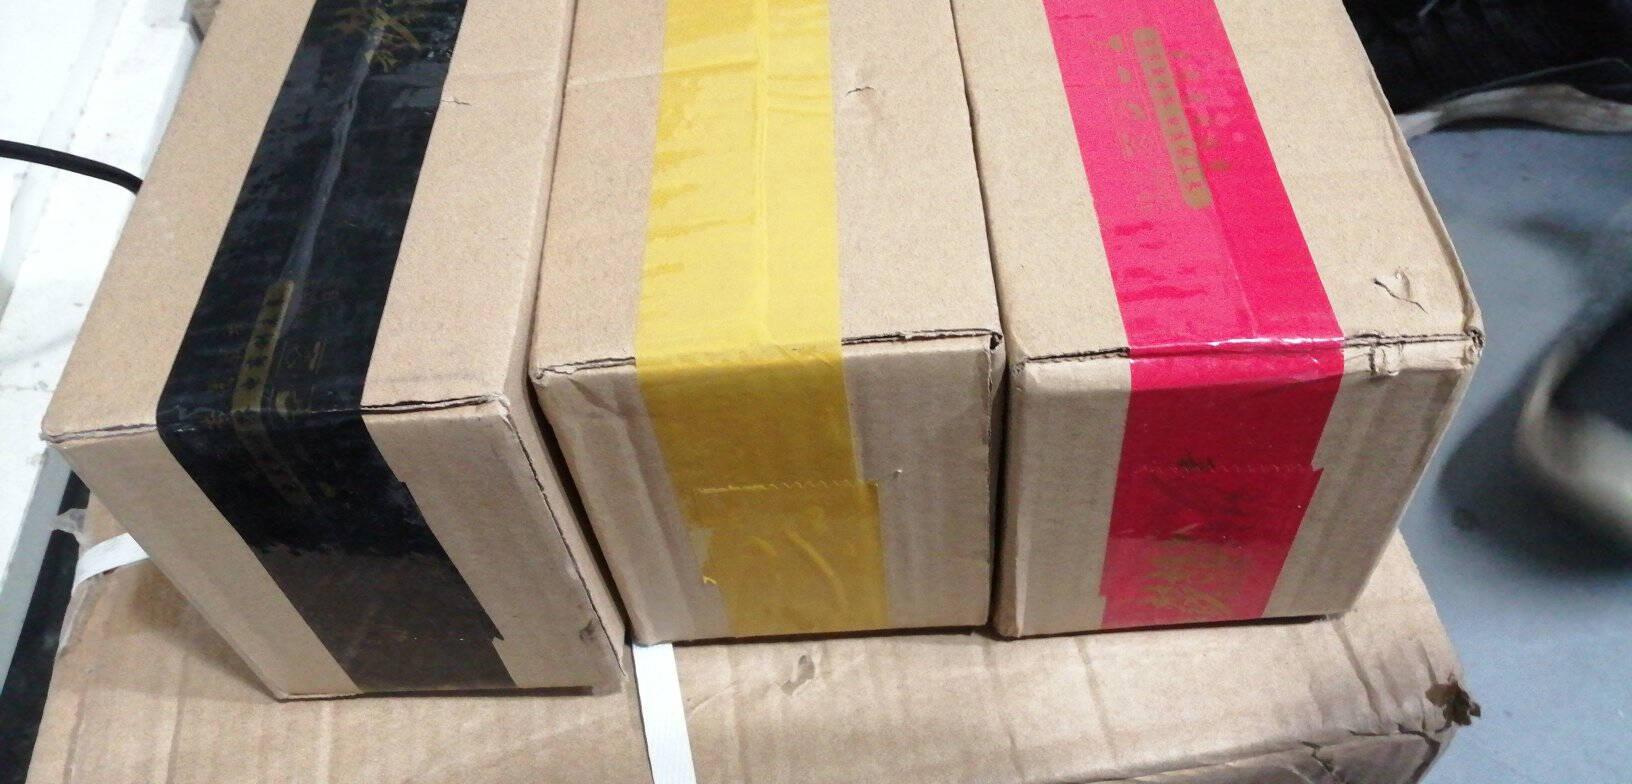 藏百年痛风灵液喷剂2盒装(80ml)尿酸高尿酸结晶关节积水肿胀畸形不适液体敷料